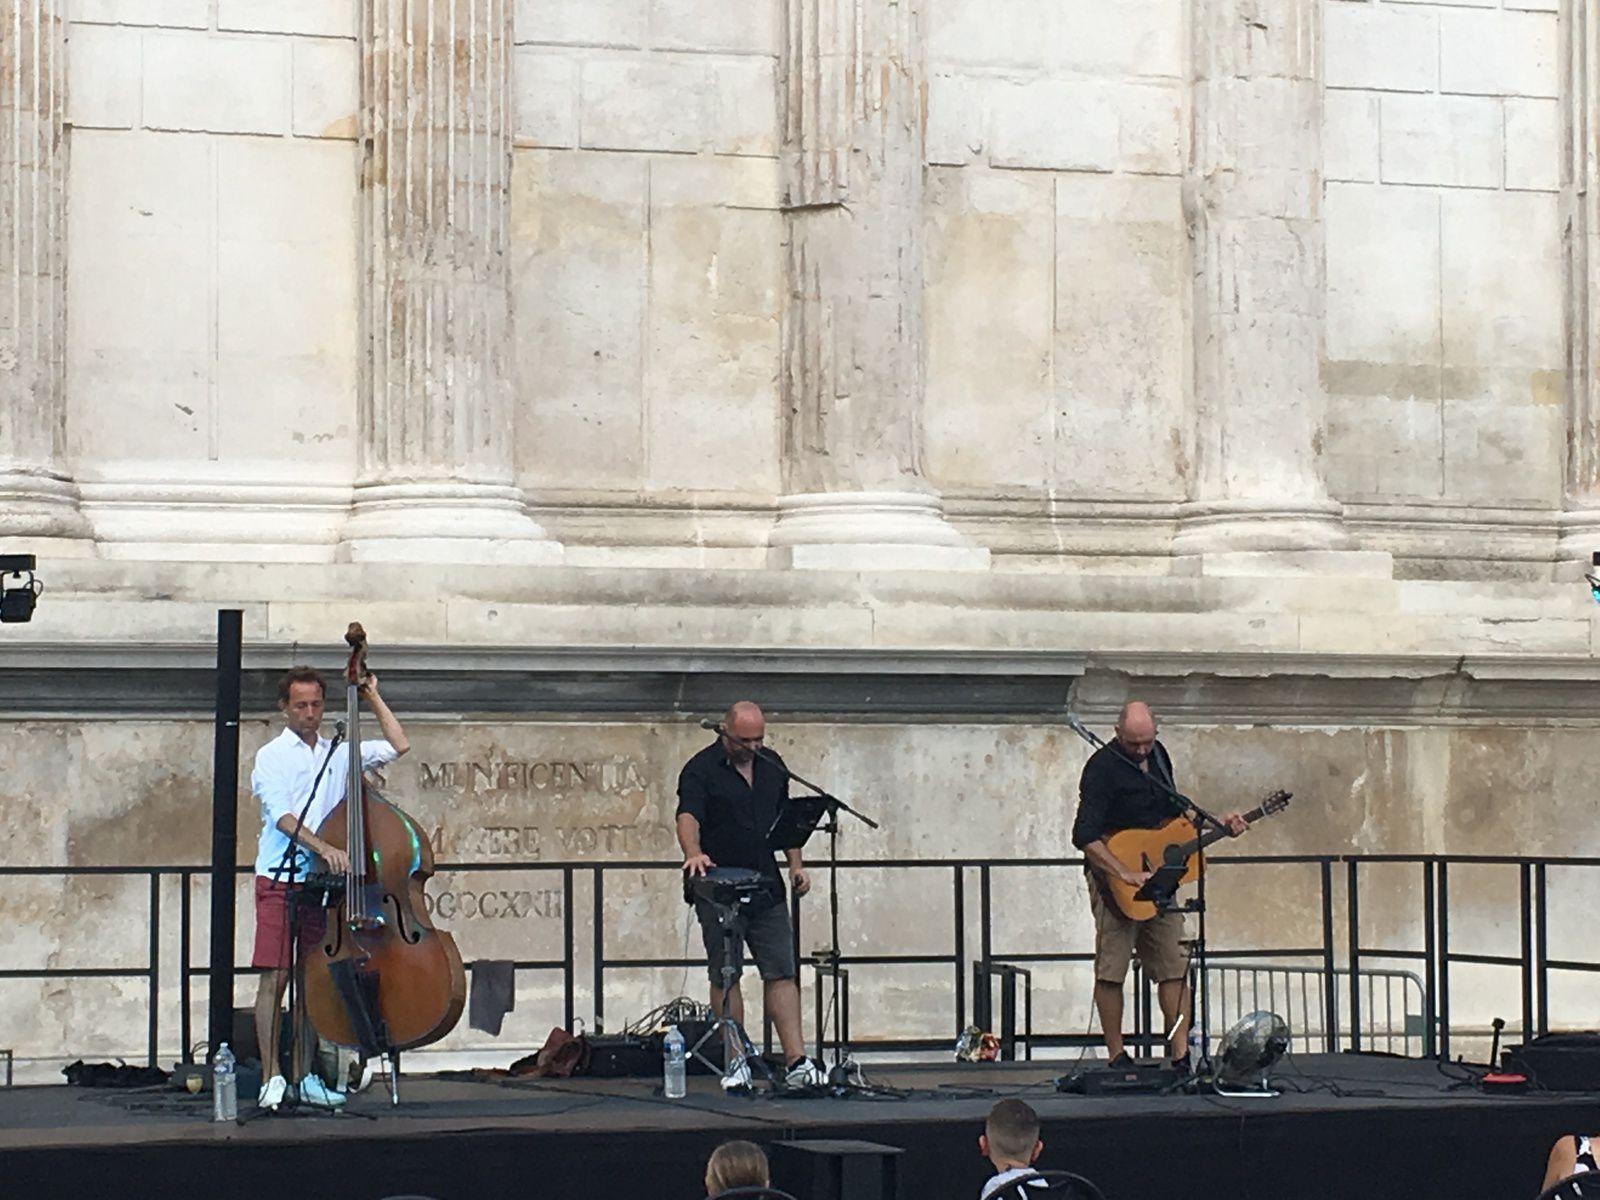 Nouvelle soirée musicale à Nîmes...